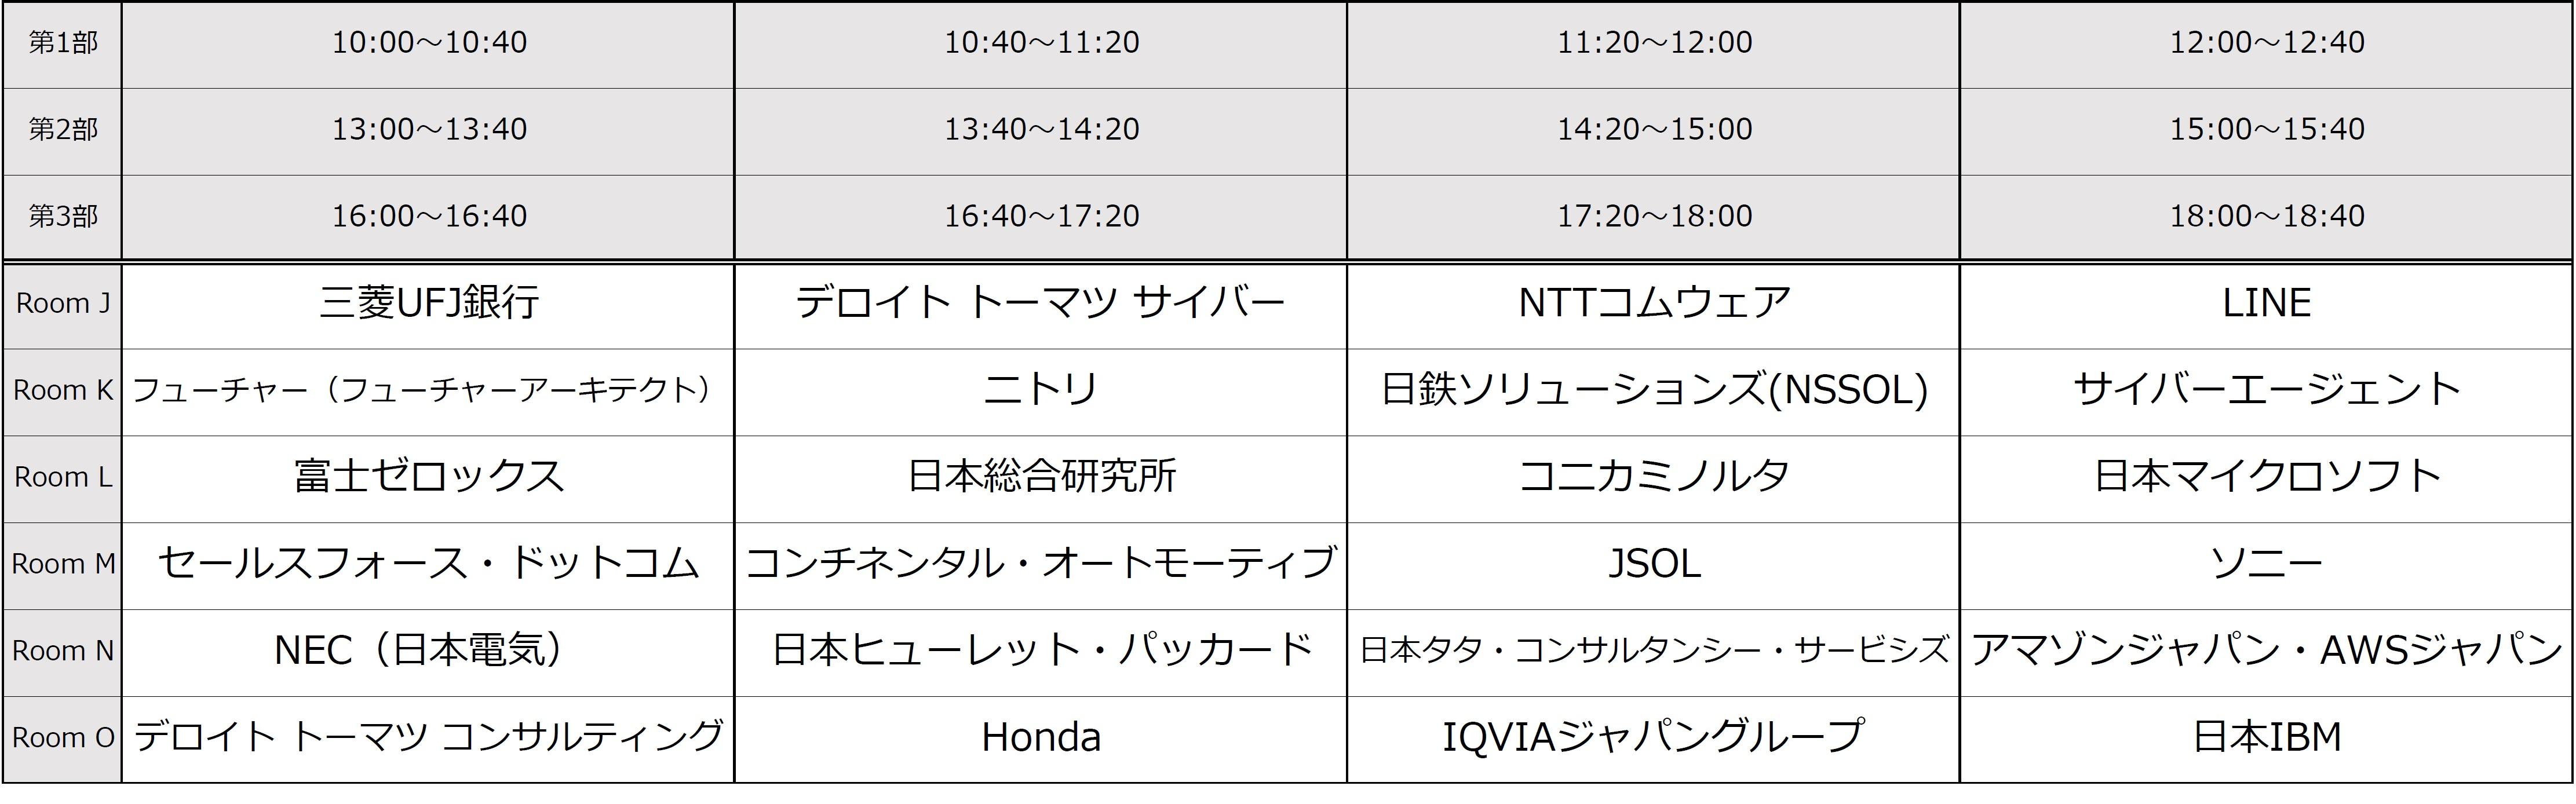 インターンシップ・ラボ × テクノロジー in東京タイムテーブル